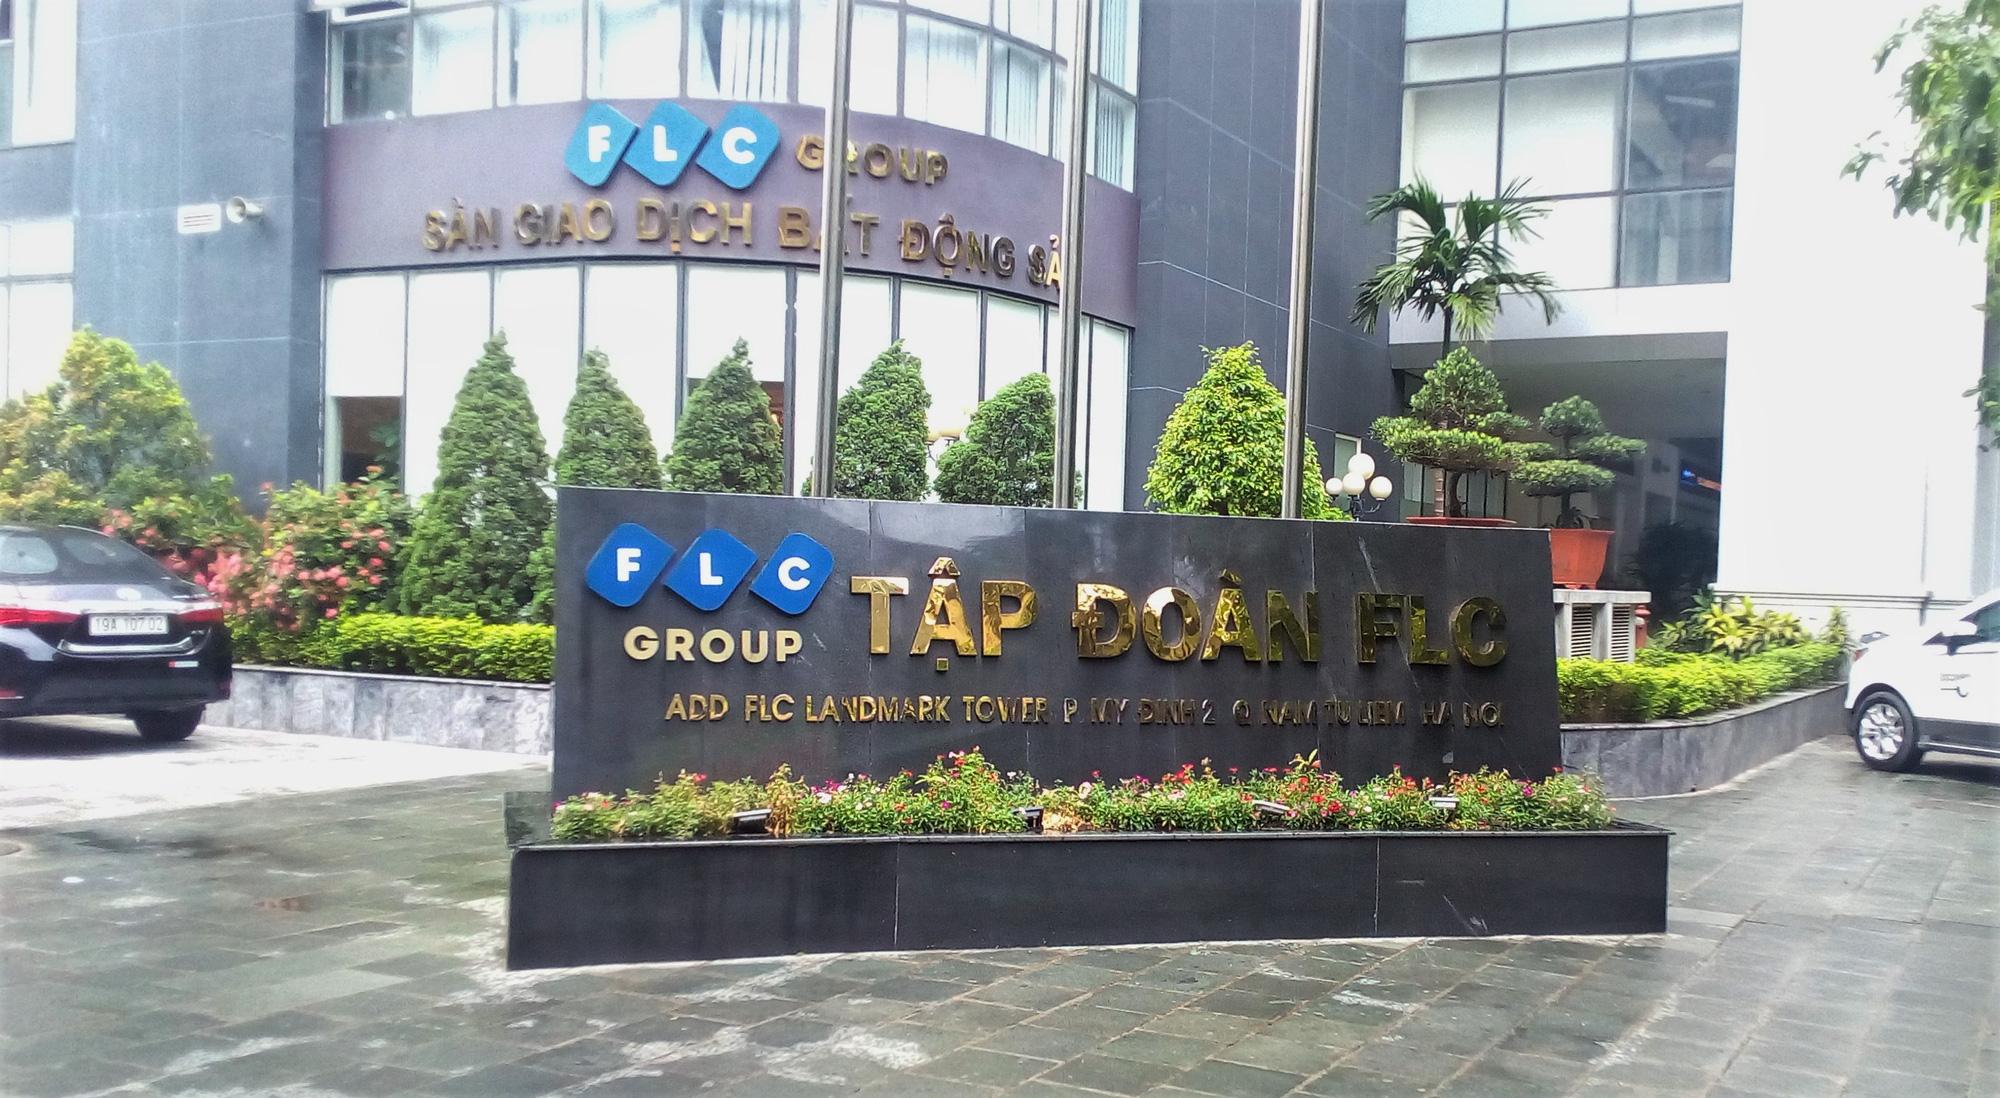 Quản lý tài sản FLC (GAB) thay đổi mục đích sử dụng vốn từ đợt phát hành cổ phiếu 552 tỉ đồng - Ảnh 1.